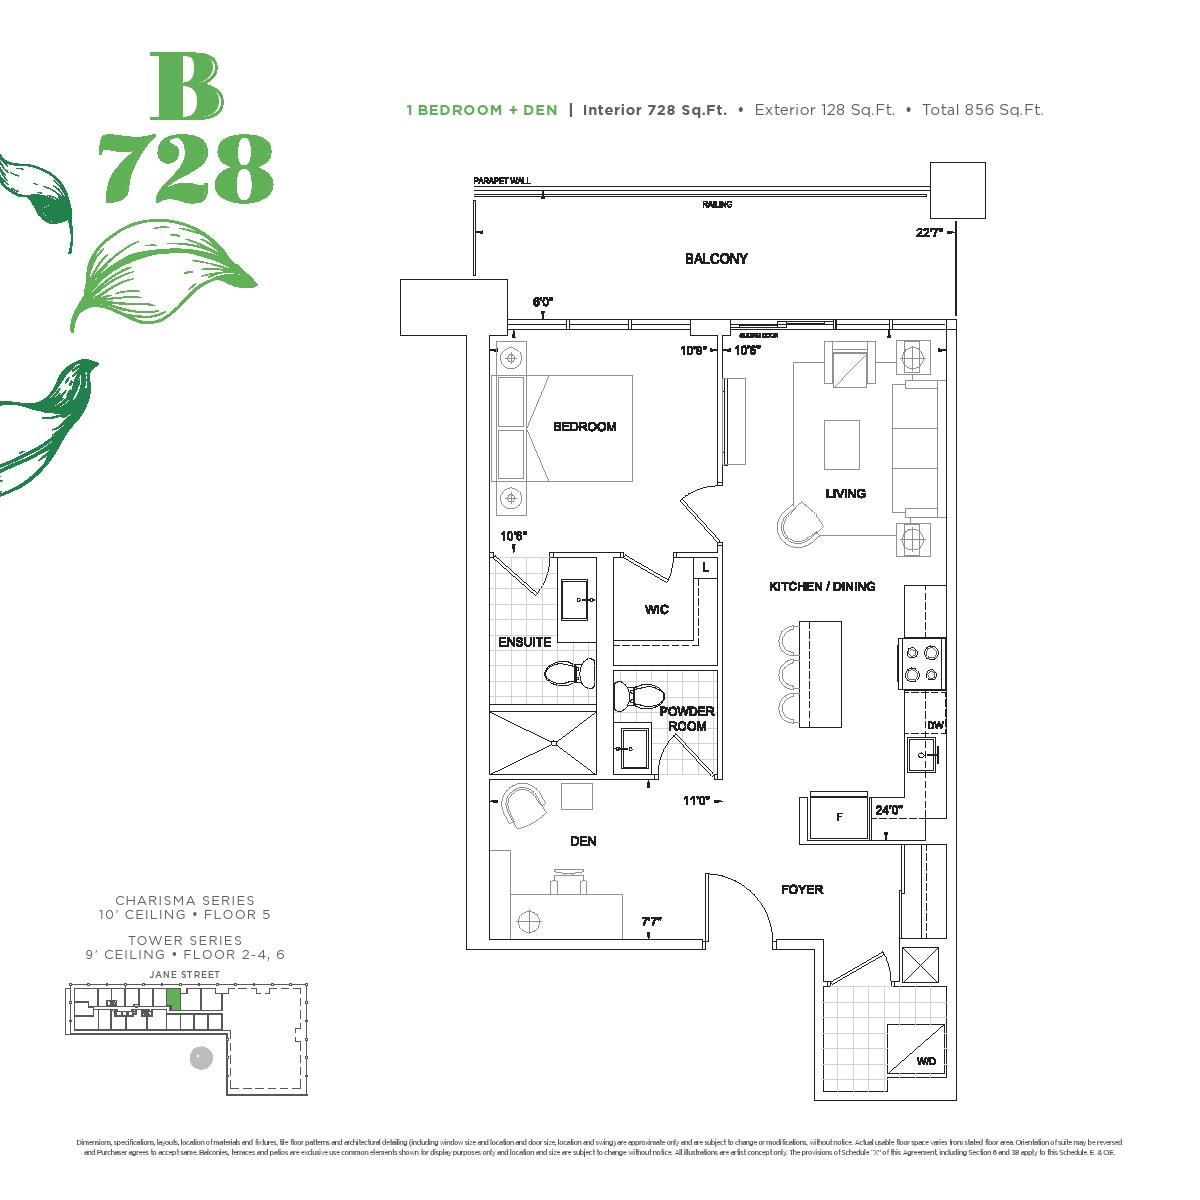 Charisma Condos 2 Floor Plans